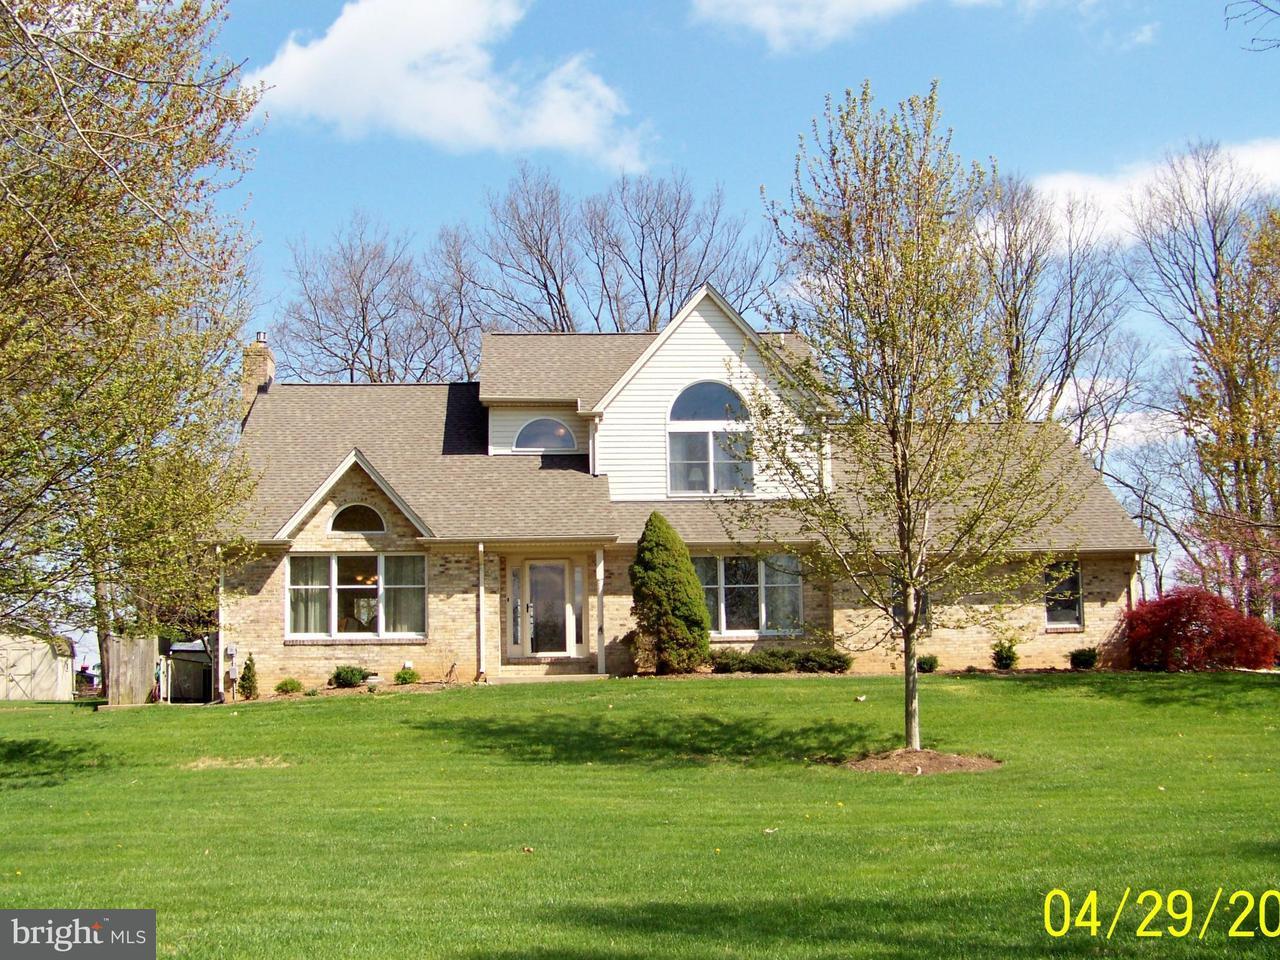 Casa Unifamiliar por un Venta en 9917 Foxhound Court 9917 Foxhound Court Walkersville, Maryland 21793 Estados Unidos